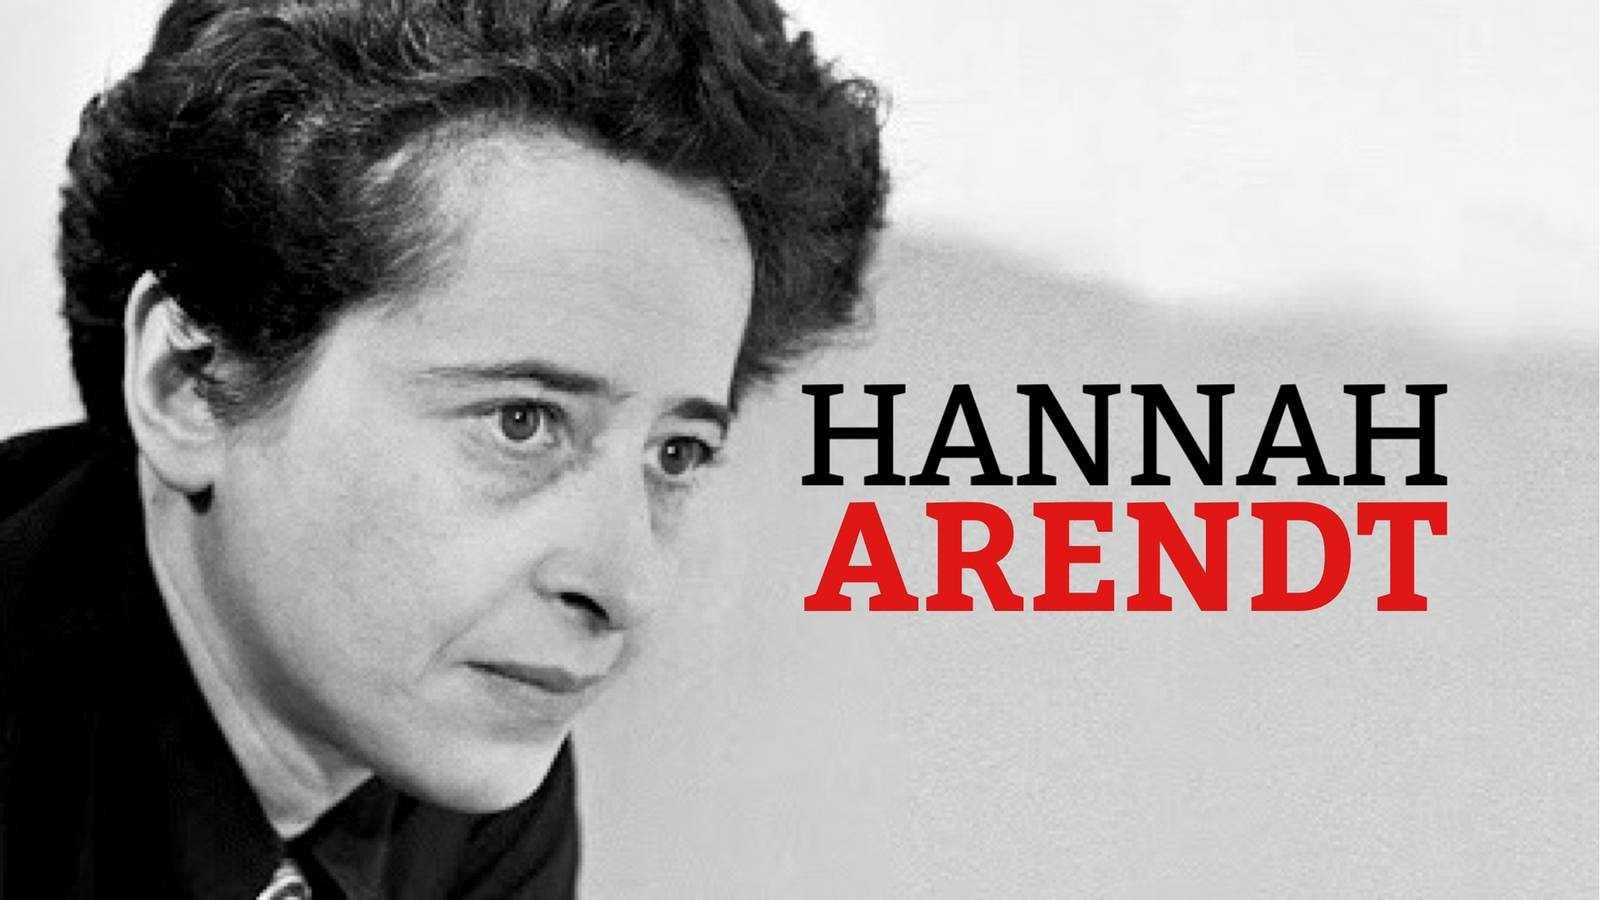 No es un día cualquiera - Hannah Arendt - Ángeles Caso - 'Tenemos un pasado' - 18/10/2020 - Escuchar ahora